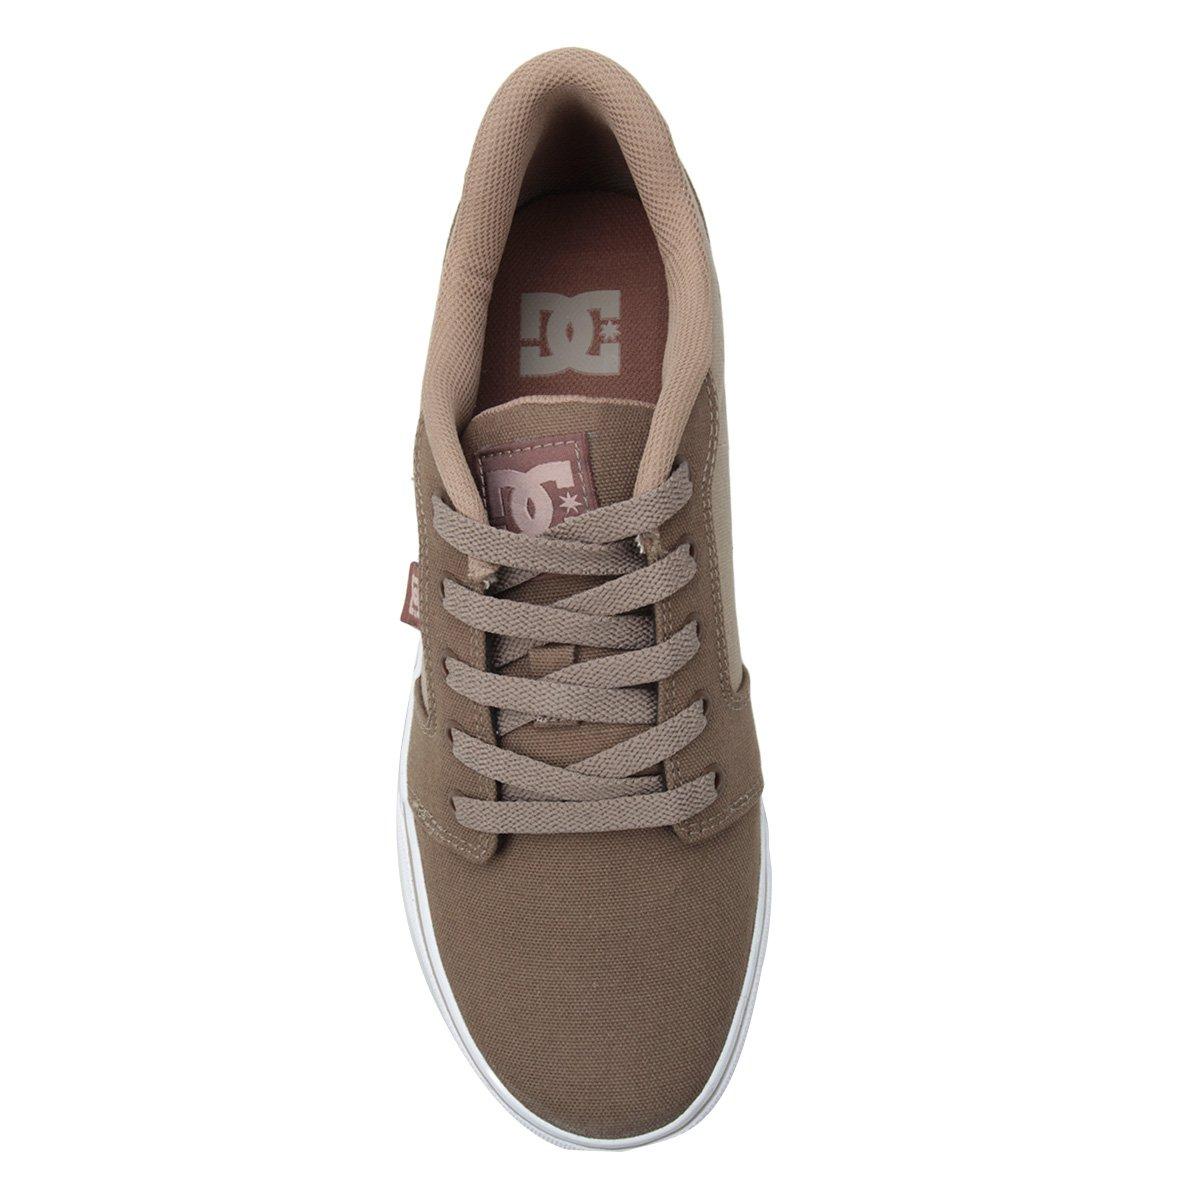 0139f8494d Tênis Dc Shoes Anvil Tx La Masculino - Marrom - Compre Agora